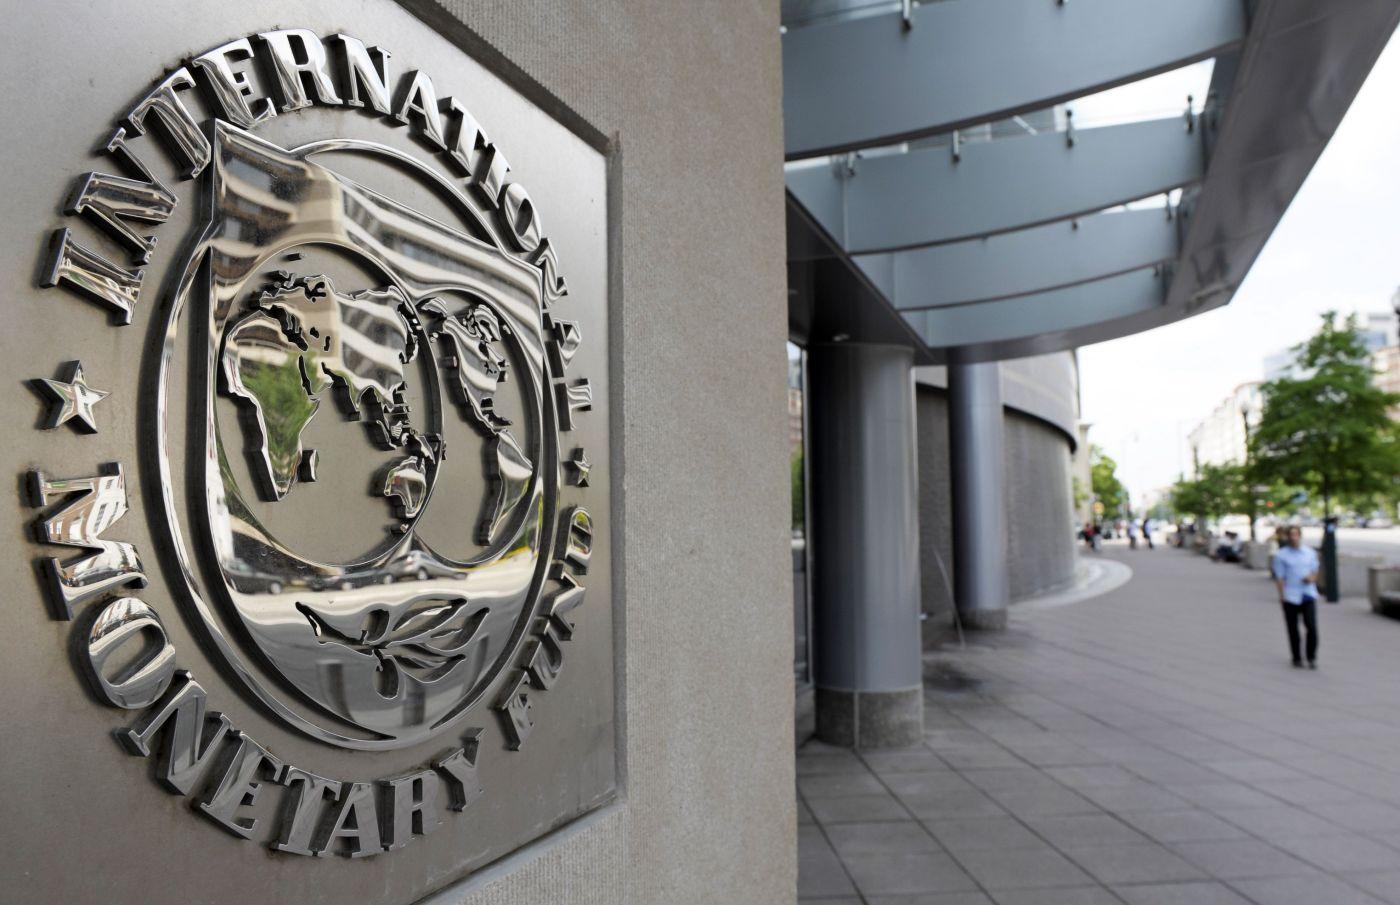 ԱՄՀ․ համաշխարհային տնտեսության լճացման մասին